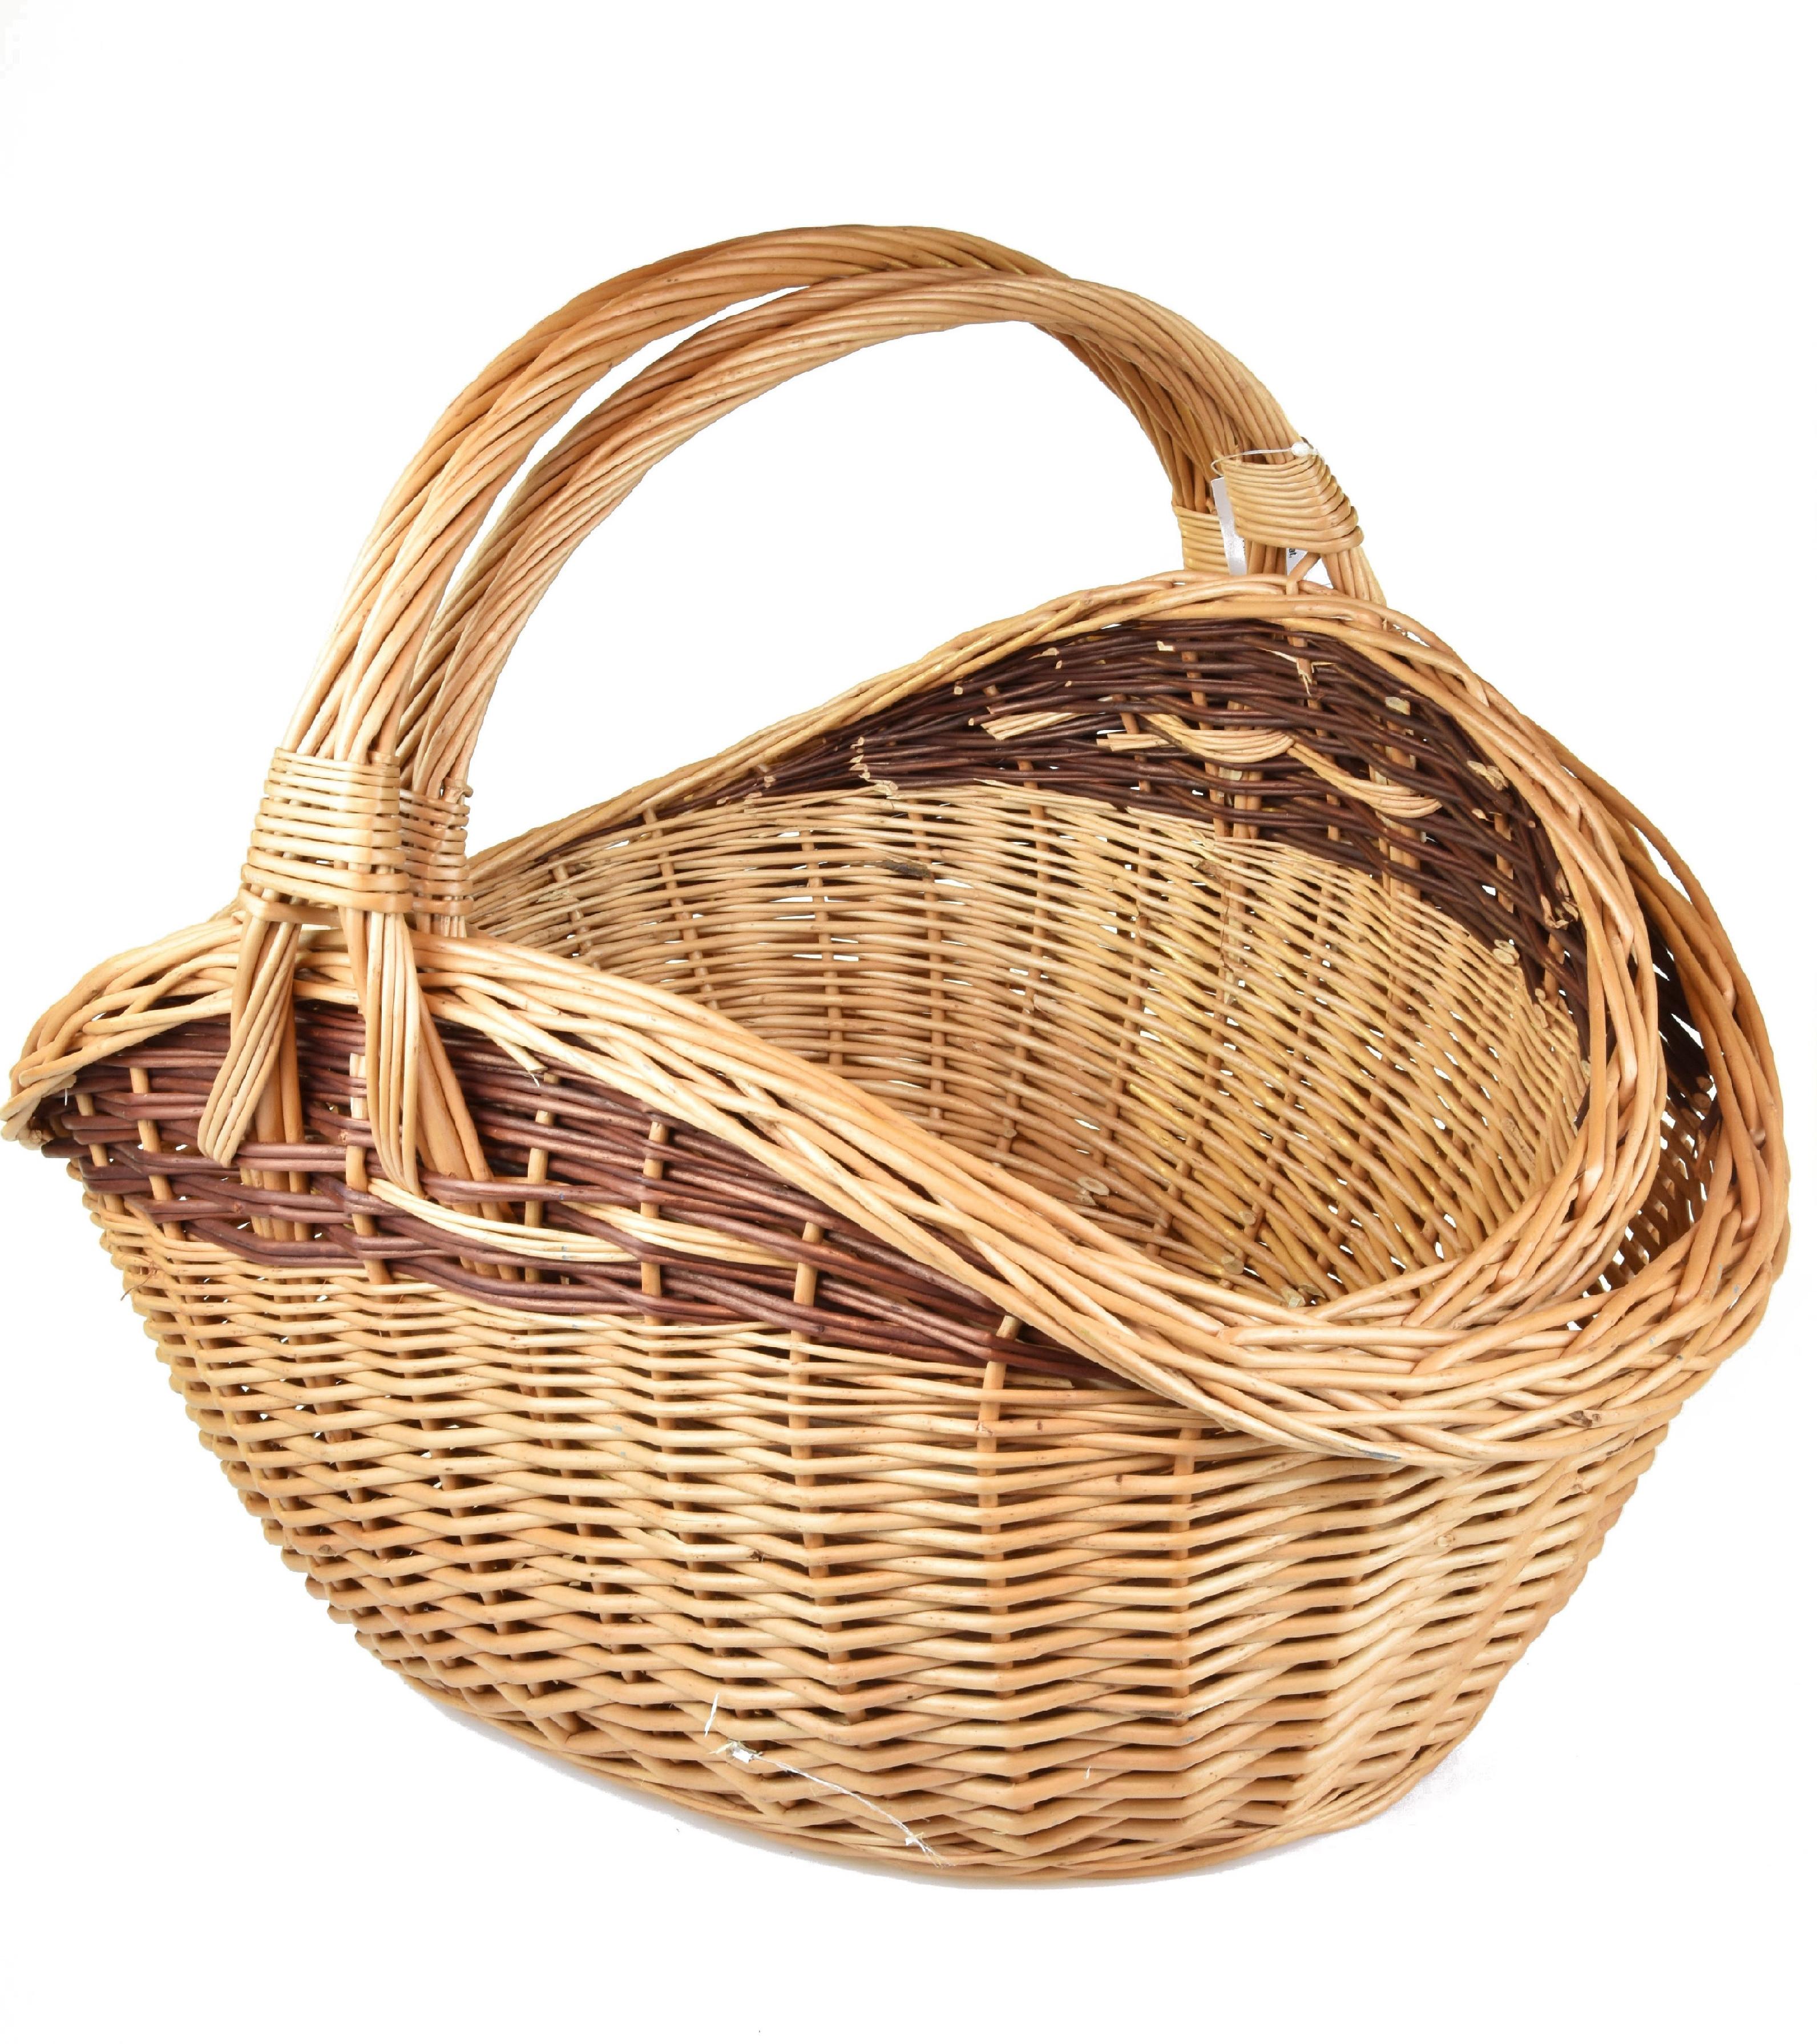 Proutěný koš na dřevo tvaru vejce Rozměry (cm): 59X46, v. 46 cm